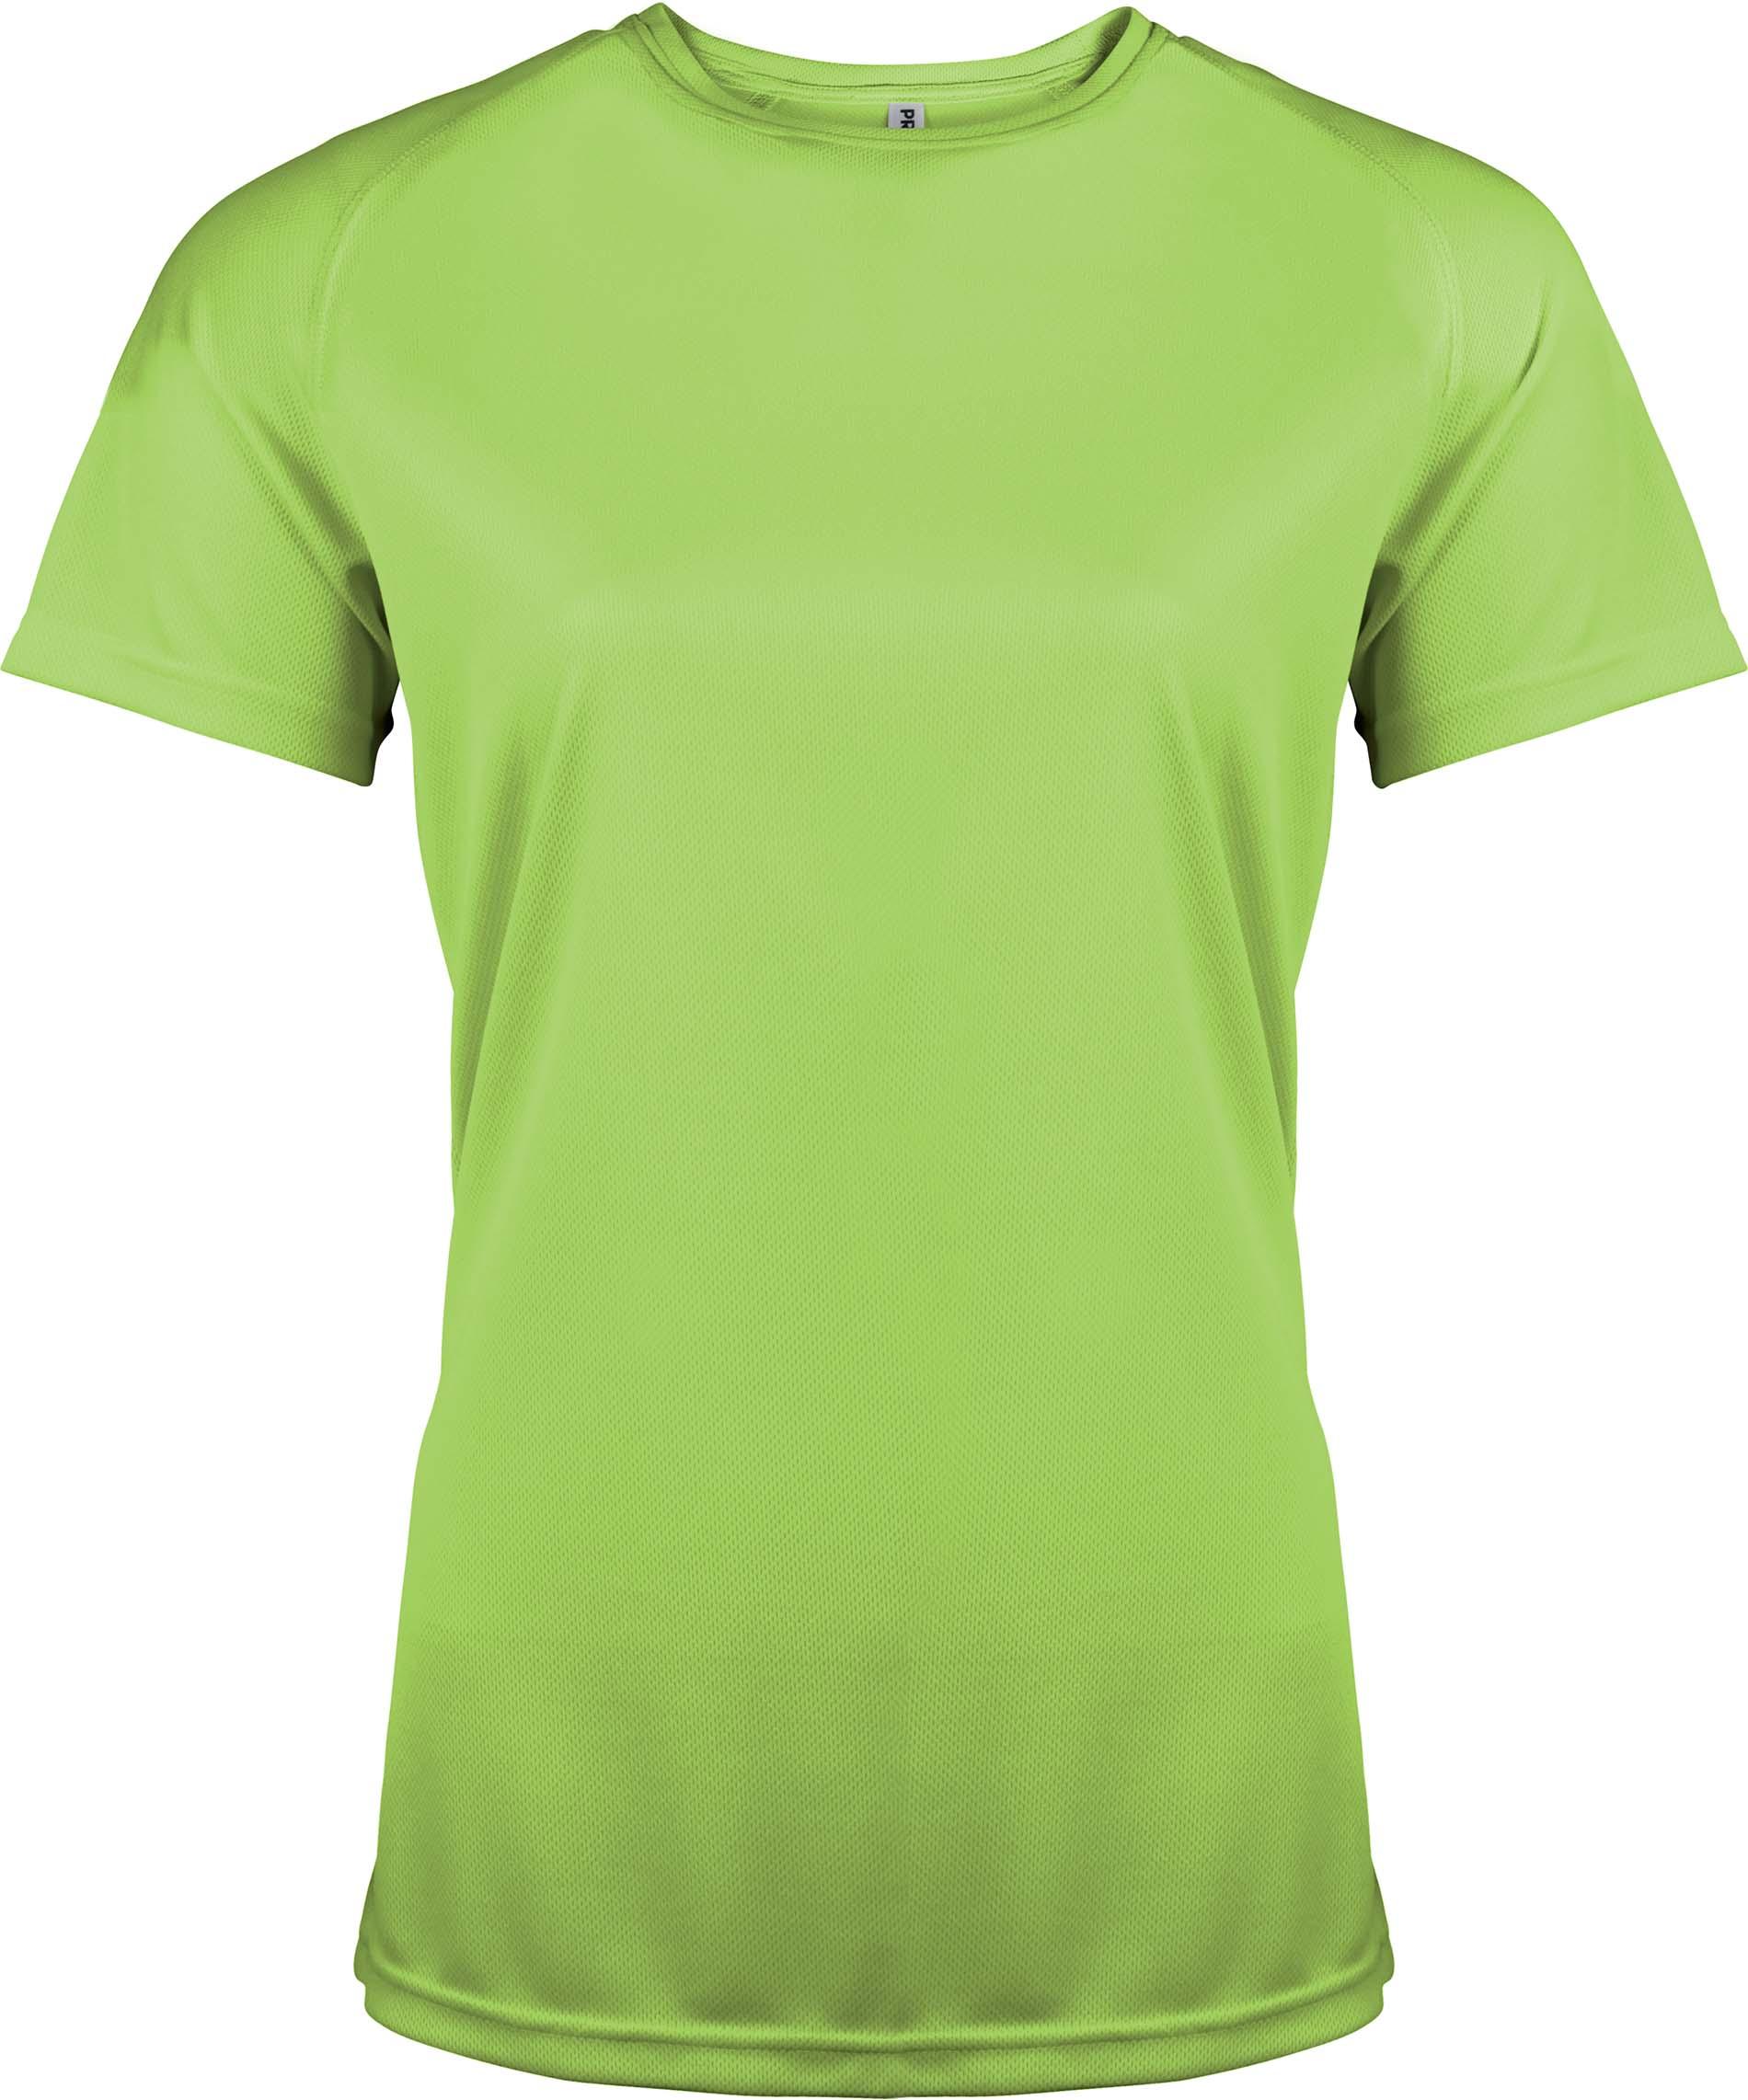 Naisten tekninen T-paita PA439 Lime